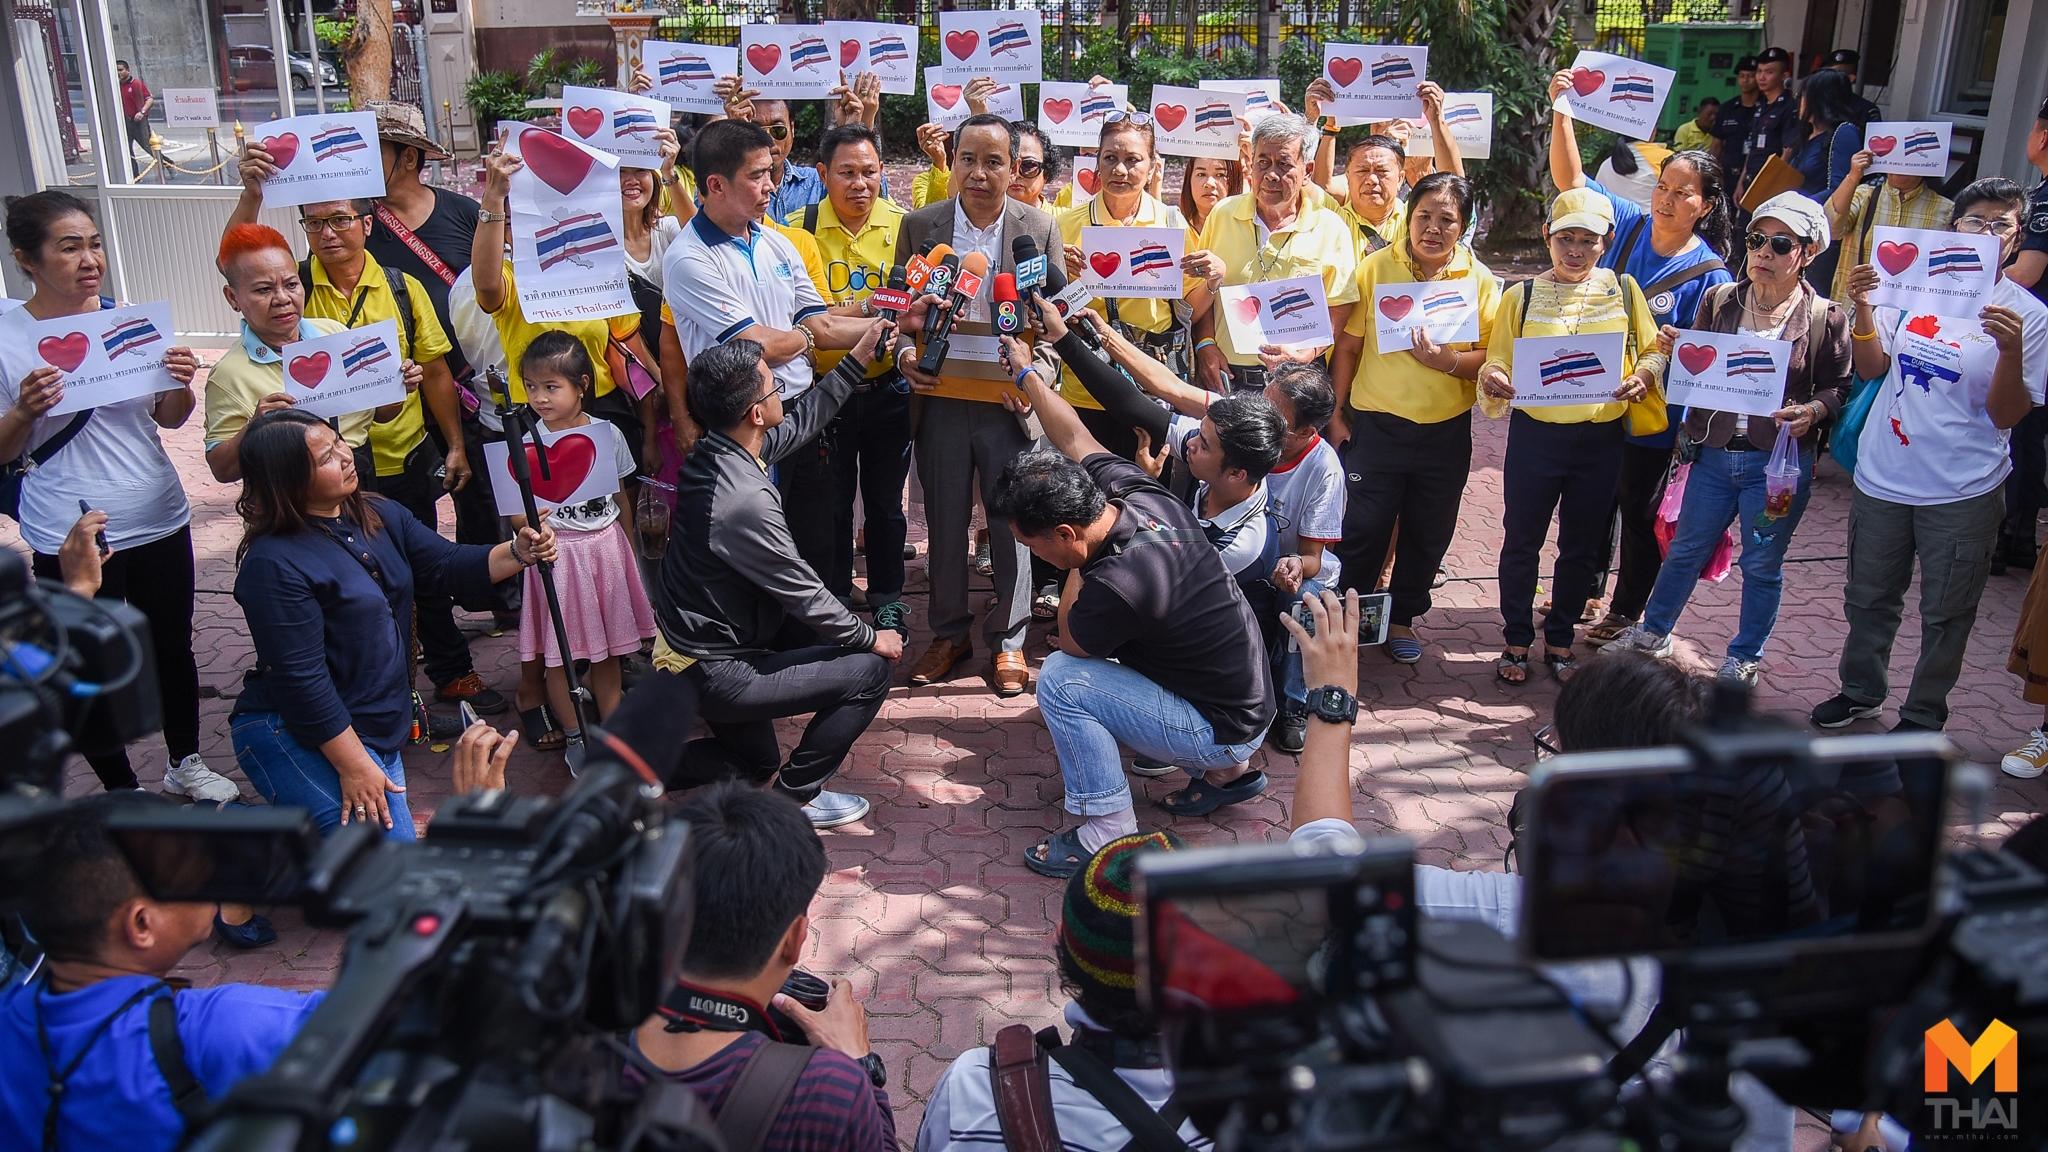 กลุ่มคนไทยหัวใจตรงกัน บิ๊กโจ๊ก ปิยบุตร